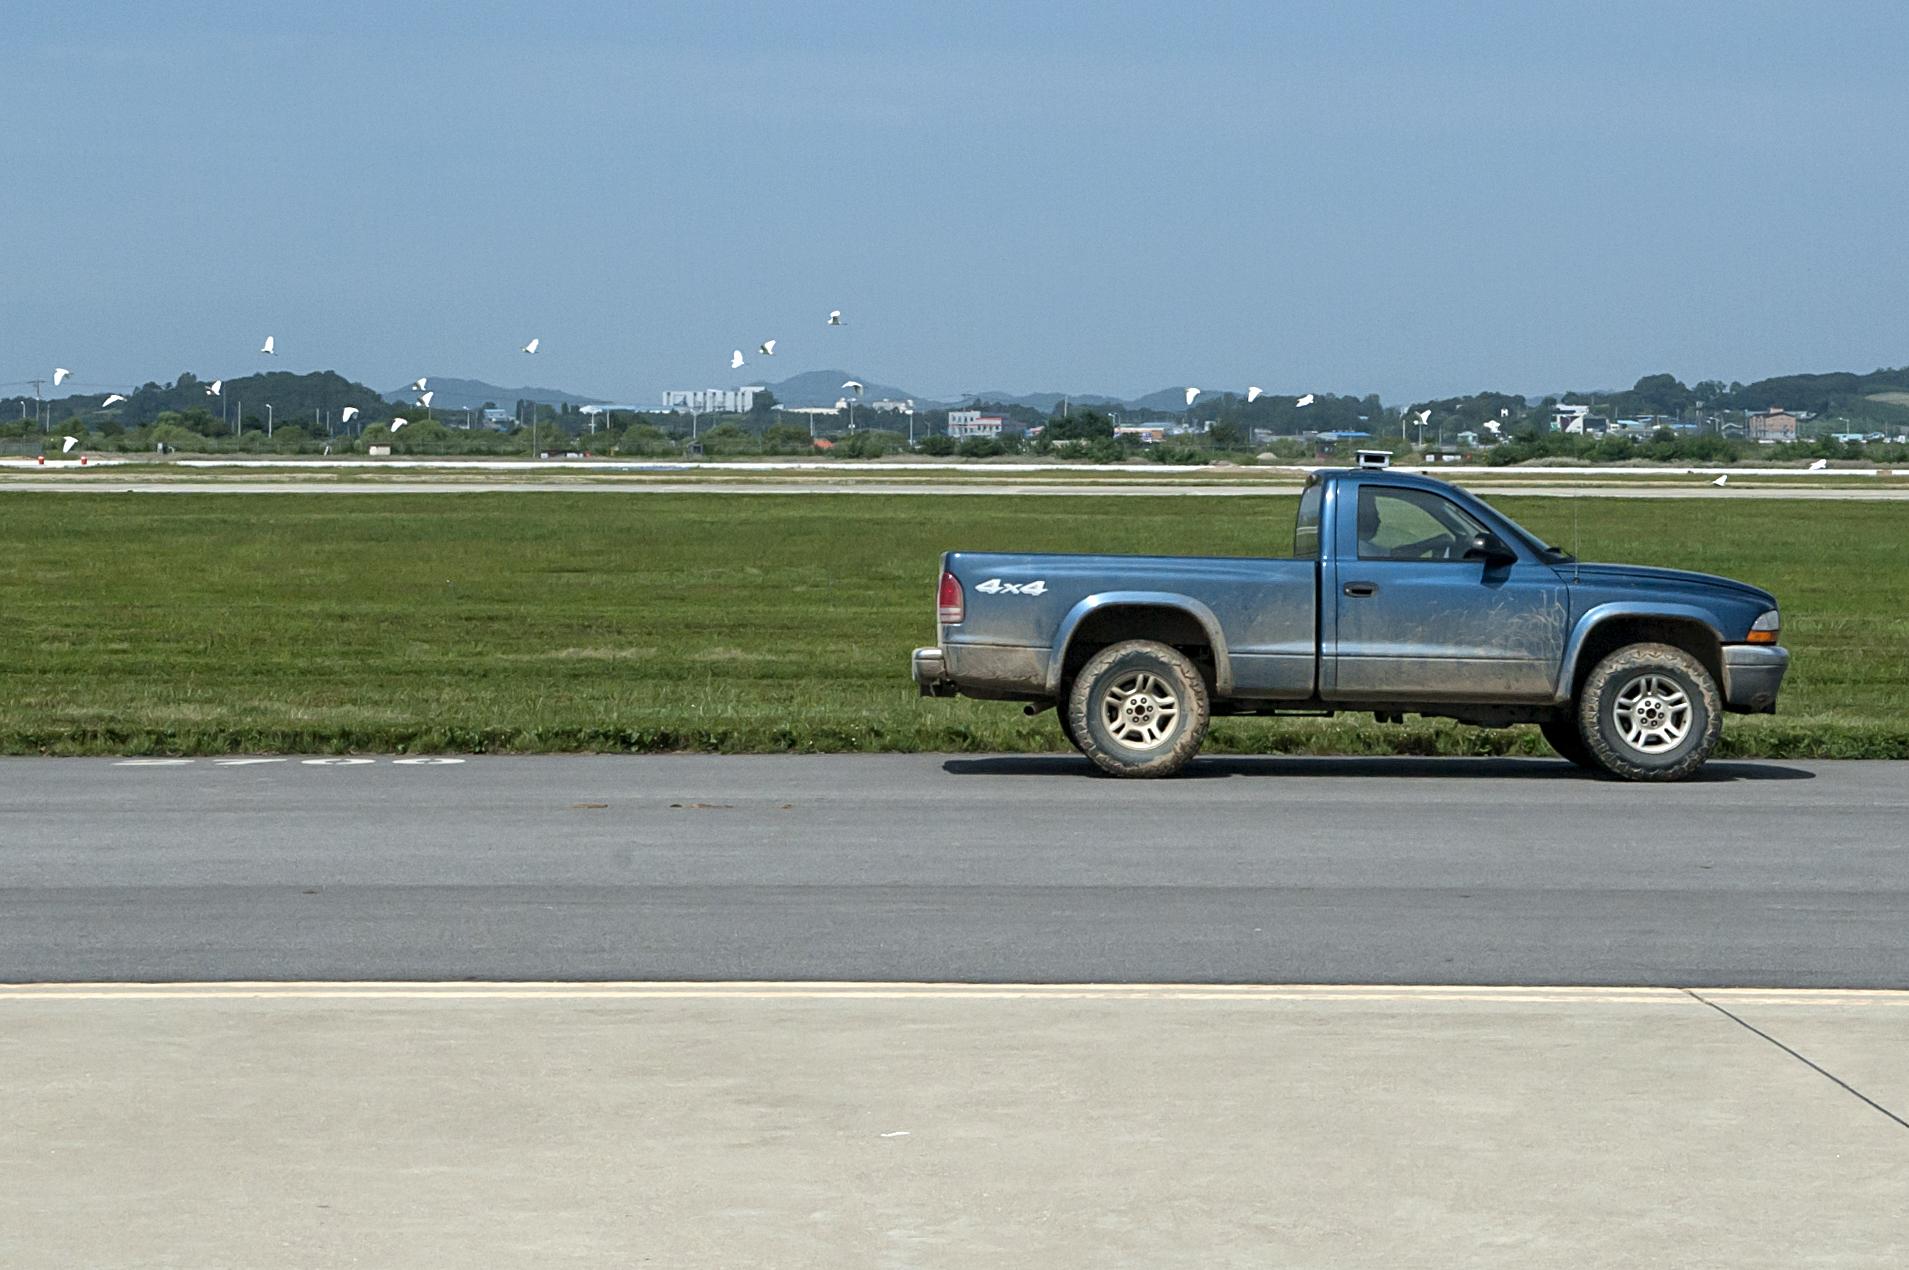 BASH program keeps birds off airfield > Osan Air Base > News